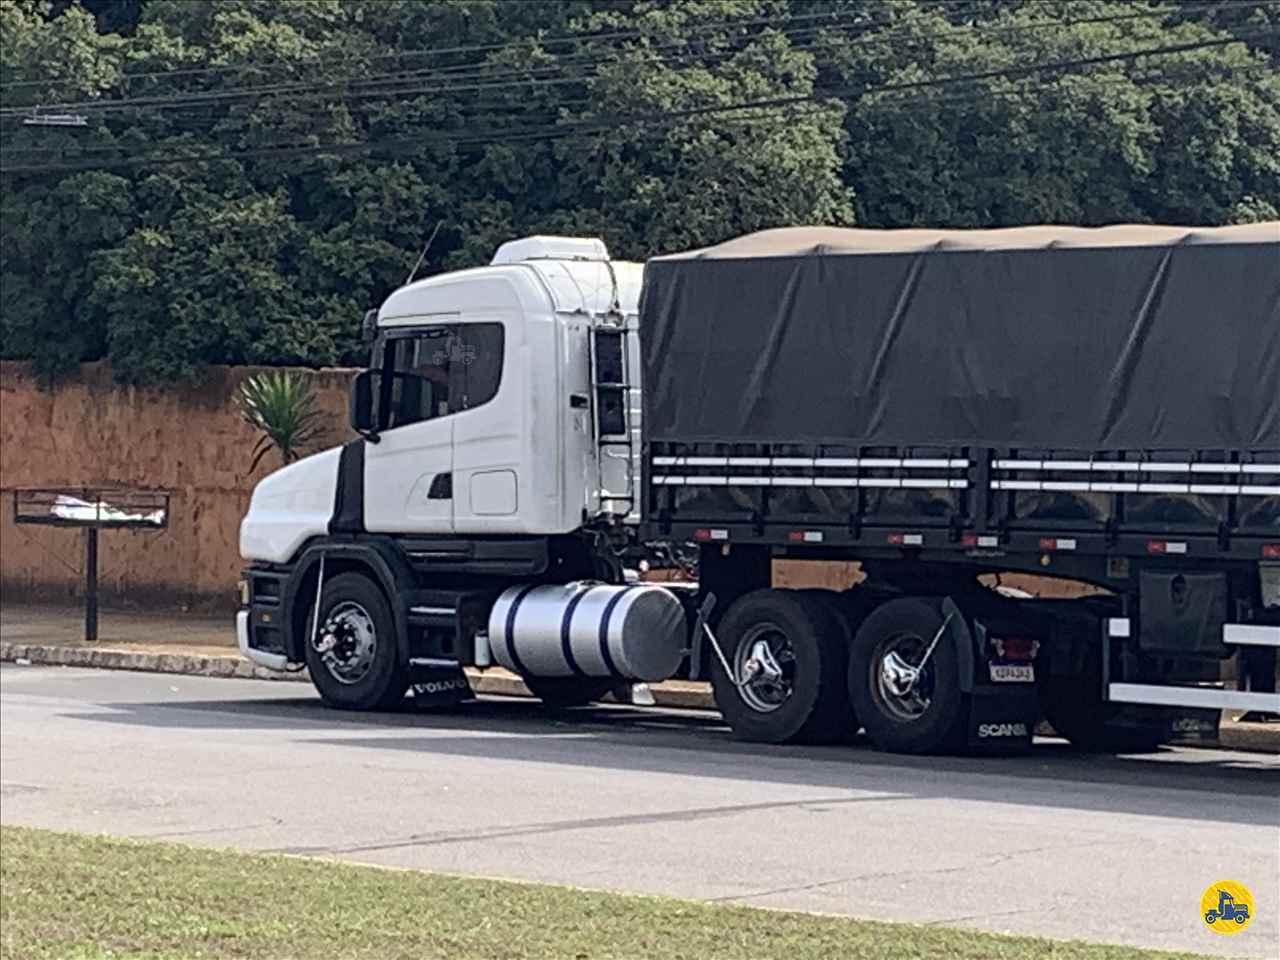 CAMINHAO SCANIA SCANIA 124 360 Cavalo Mecânico Truck 6x2 Transportadora Tuon PIRASSUNUNGA SÃO PAULO SP